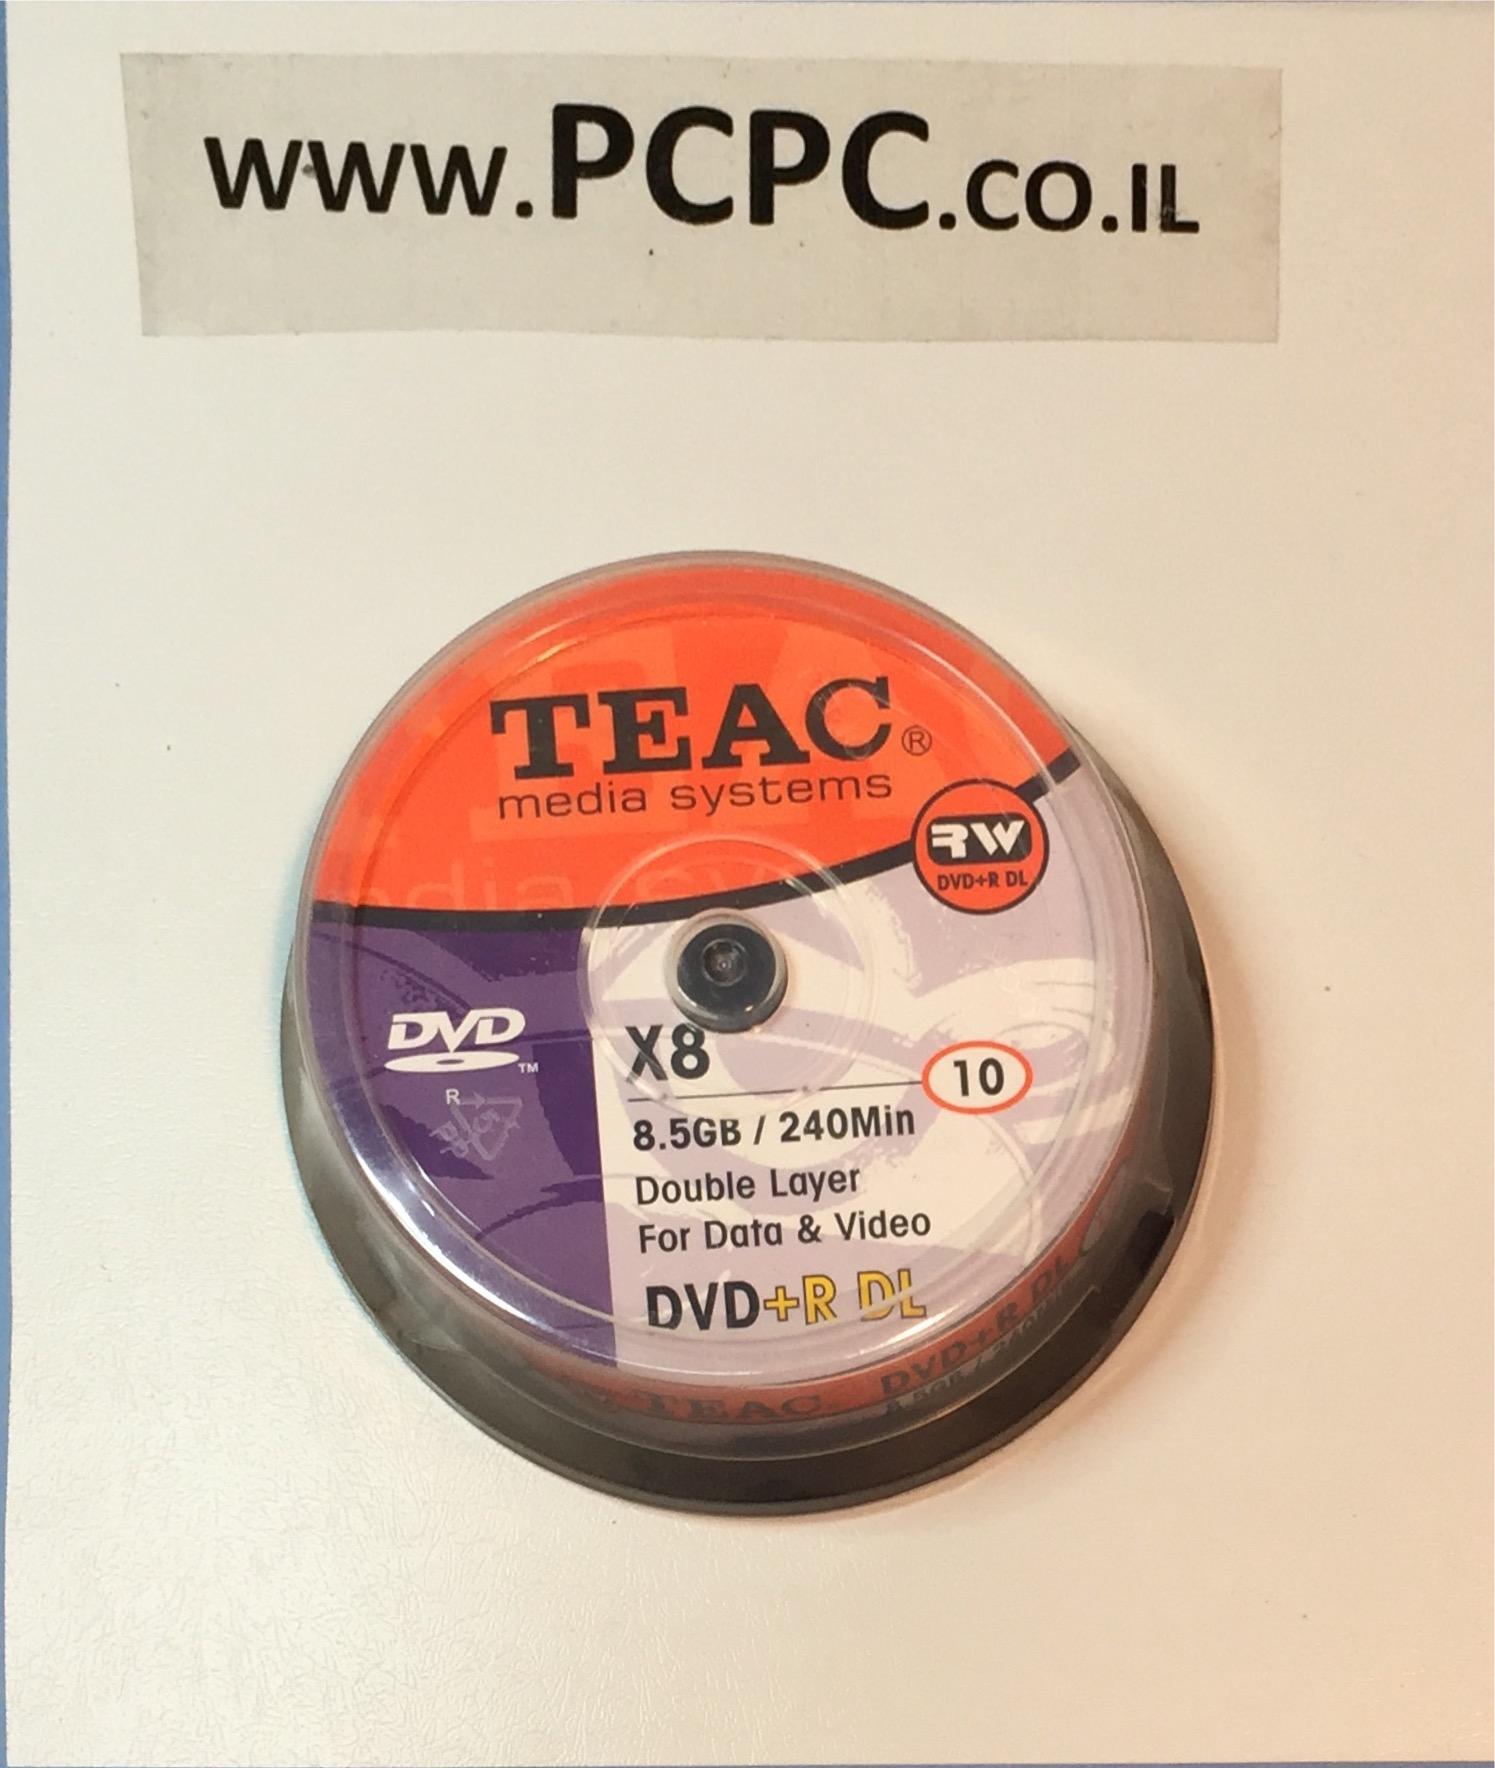 דיסק 8.5 גיגה DVD+R DL בקופסה יחידות 10 TEAC